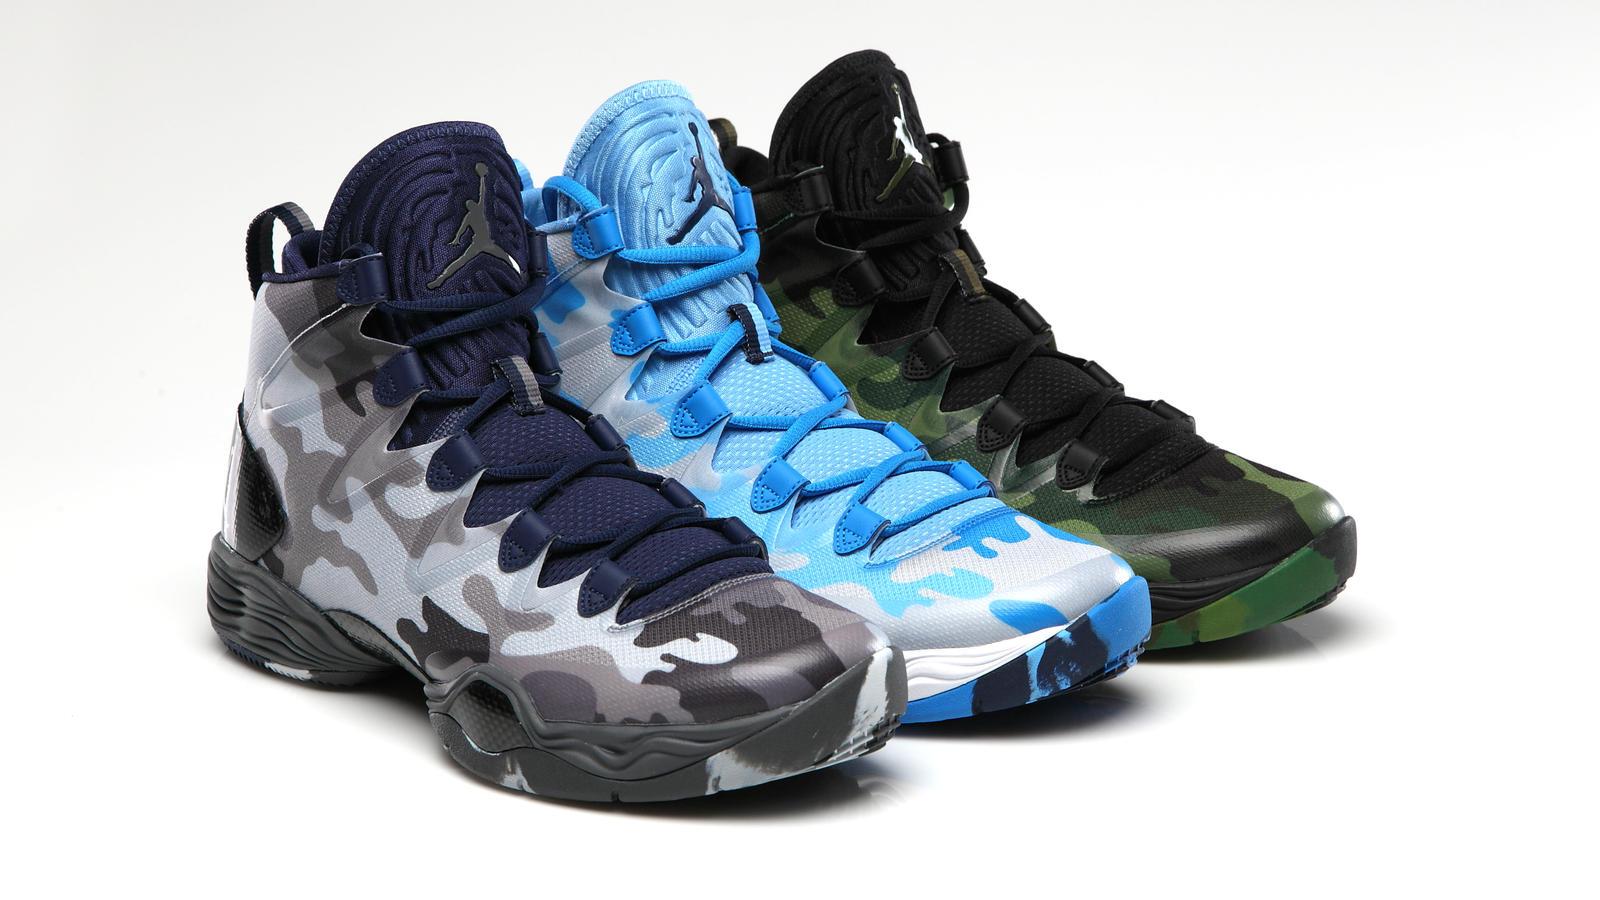 Nike Air Jordan des 1 Retro 95 Bred Musée des Jordan impressionnismes Giverny 7c9a51